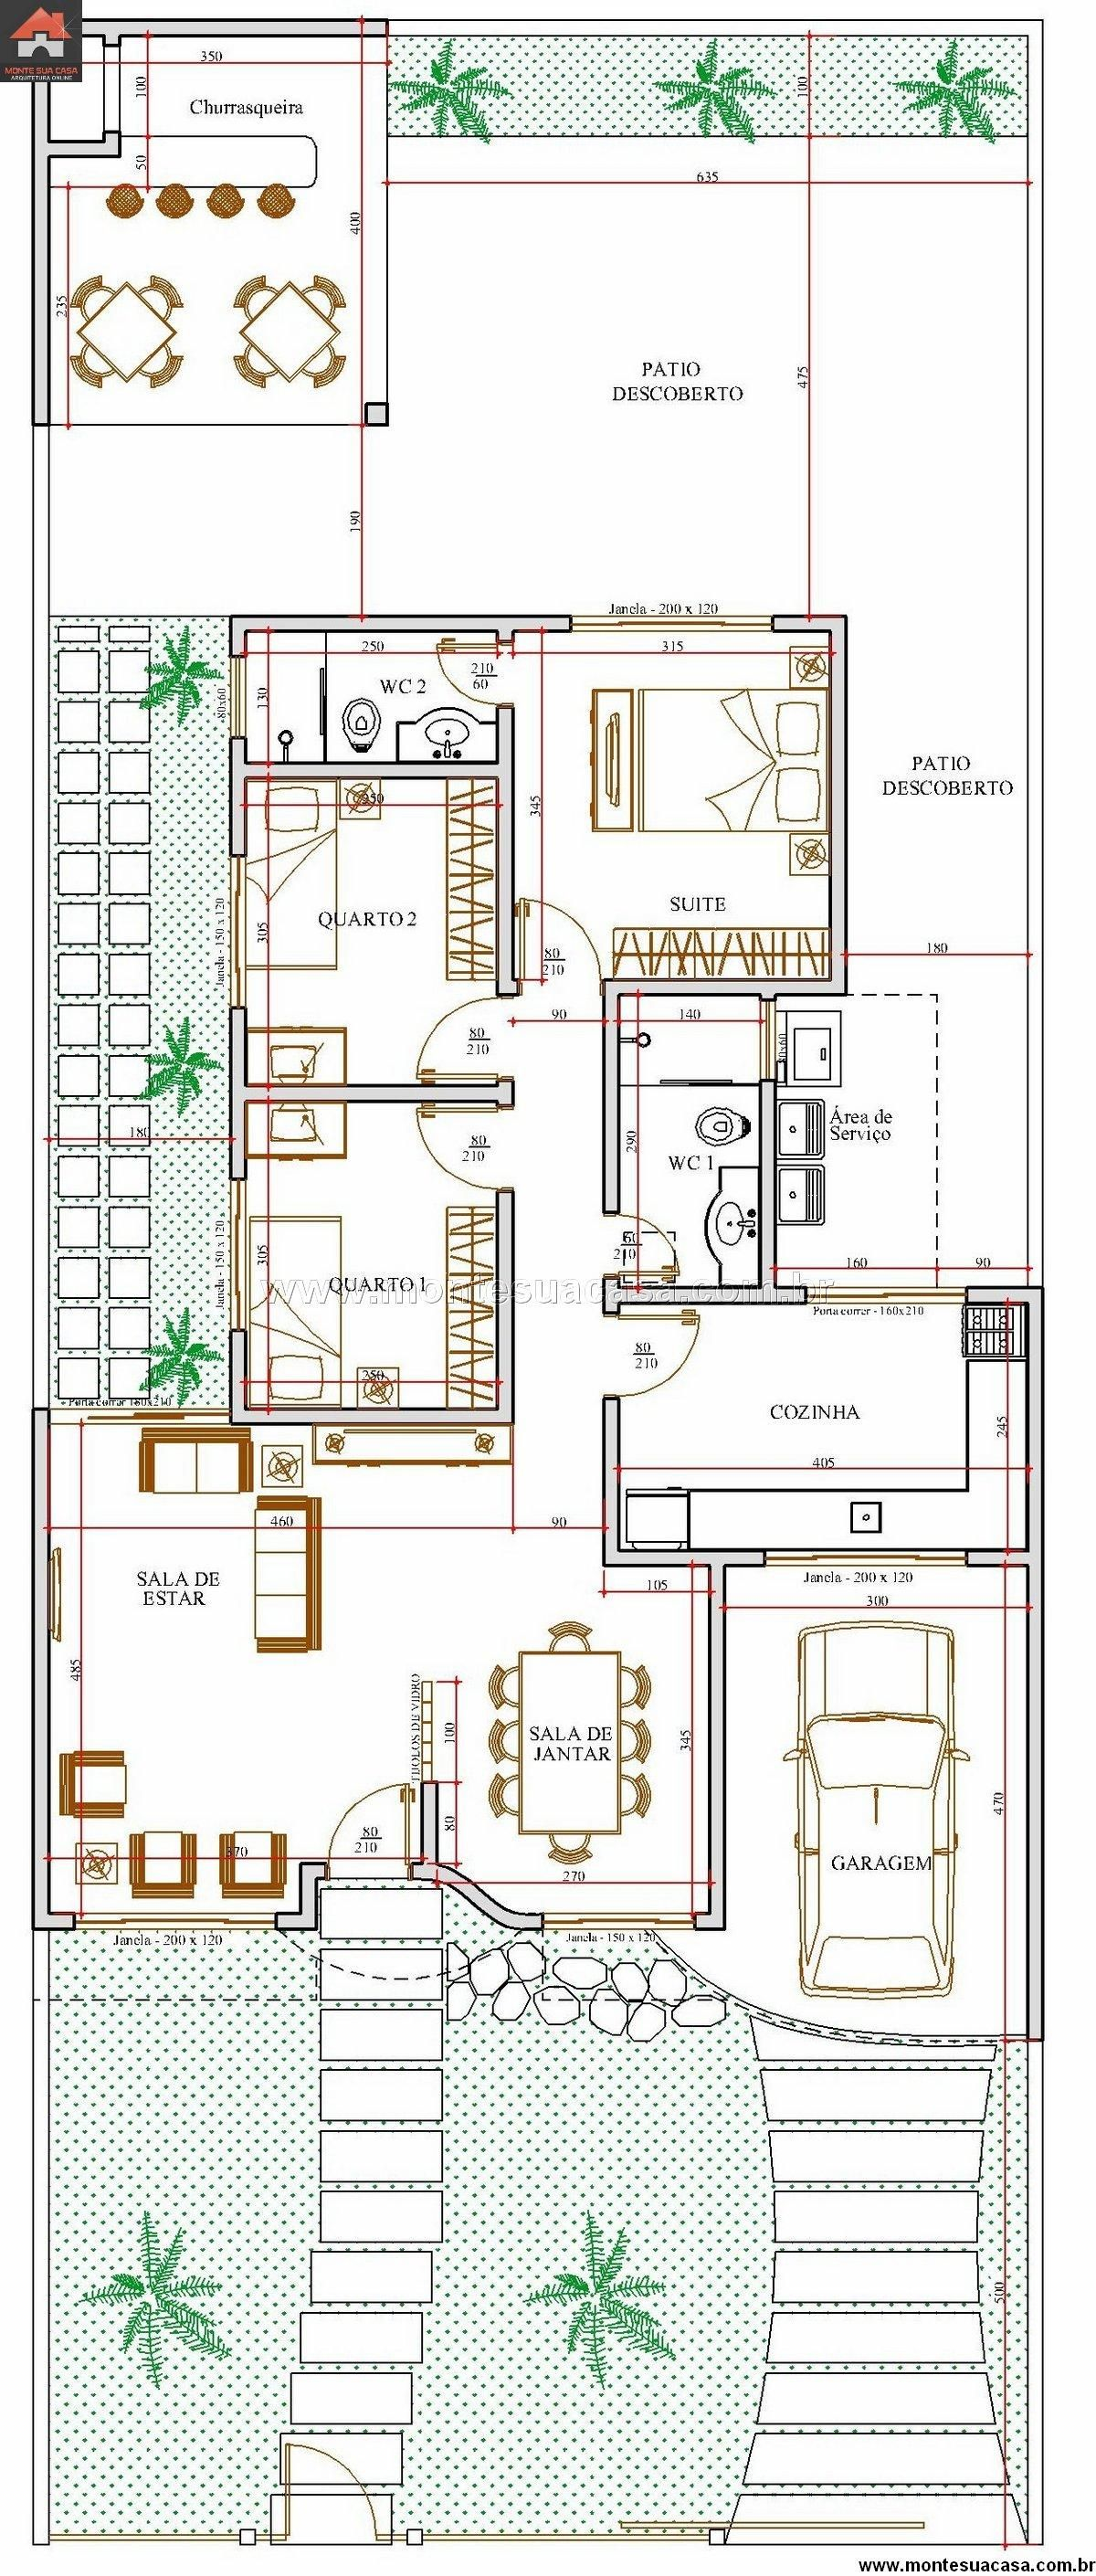 Casa 2 Quartos 10173m2 Arquitetura Pinterest Planos - Planos-de-casas-de-una-planta-pequeas